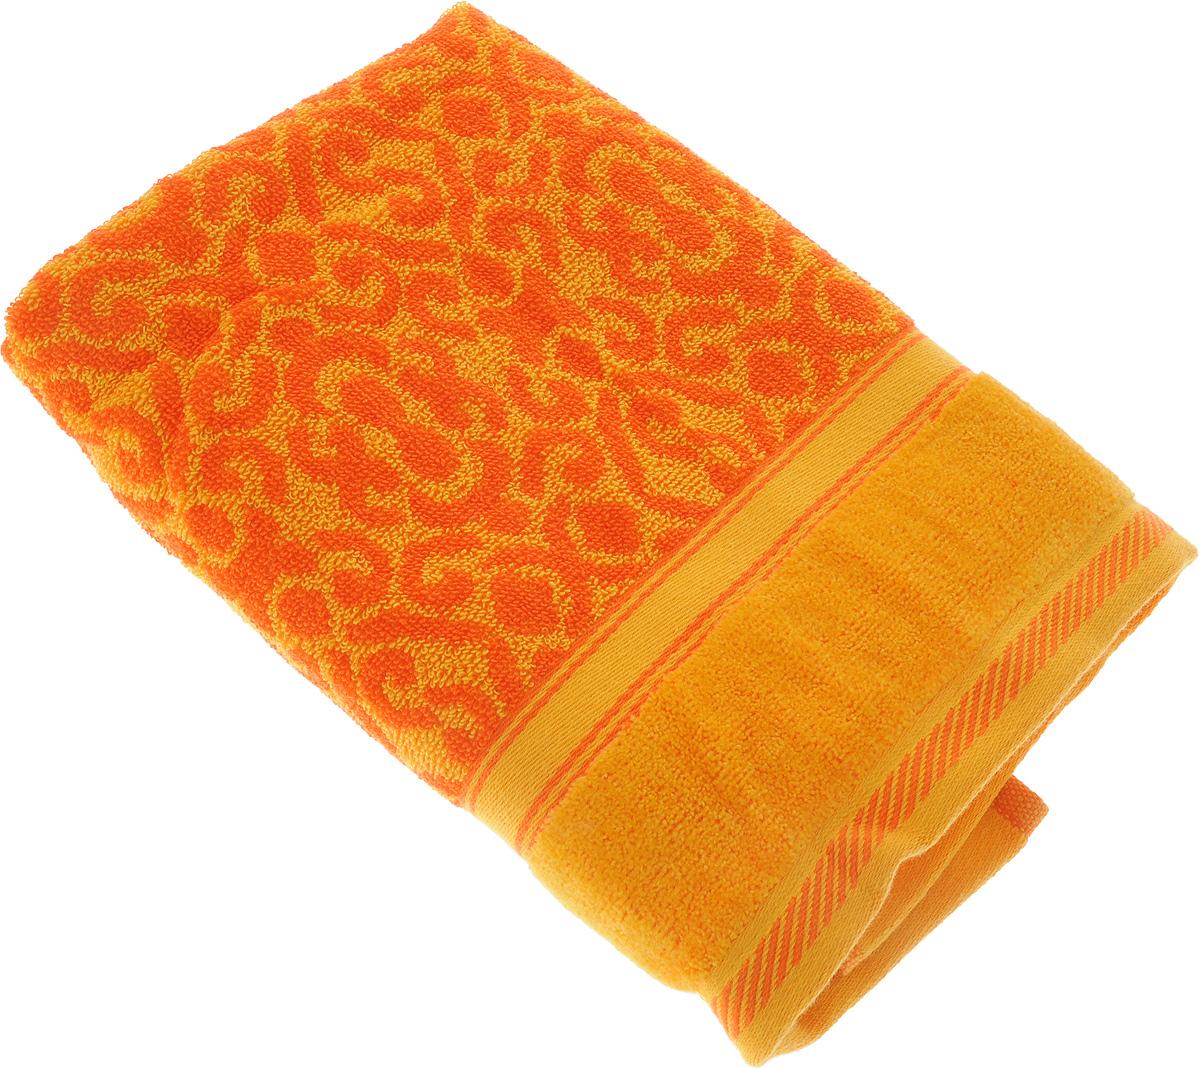 Полотенце махровое Toalla Флора, цвет: желтый, оранжевый, 50 x 90 см9271546Полотенце махровое Toalla Флора выполнено из 100% натурального египетского хлопка. Изделие оформлено изысканным орнаментом. Ткань полотенца обладает высокой плотностью и мягкостью, отличается высоким качеством и длительным сроком службы. В процессе эксплуатации материал становится только мягче и приятнее на ощупь. Египетский хлопок не содержит линта (хлопковый пух), поэтому на ткани не образуются катышки даже после многократных стирок и длительного использования. Сверхдлинные волокна придают ткани характерный красивый блеск. Полотенце отлично впитывает влагу и быстро сохнет. Такое полотенце красиво дополнит интерьер ванной комнаты и станет практичным приобретением.